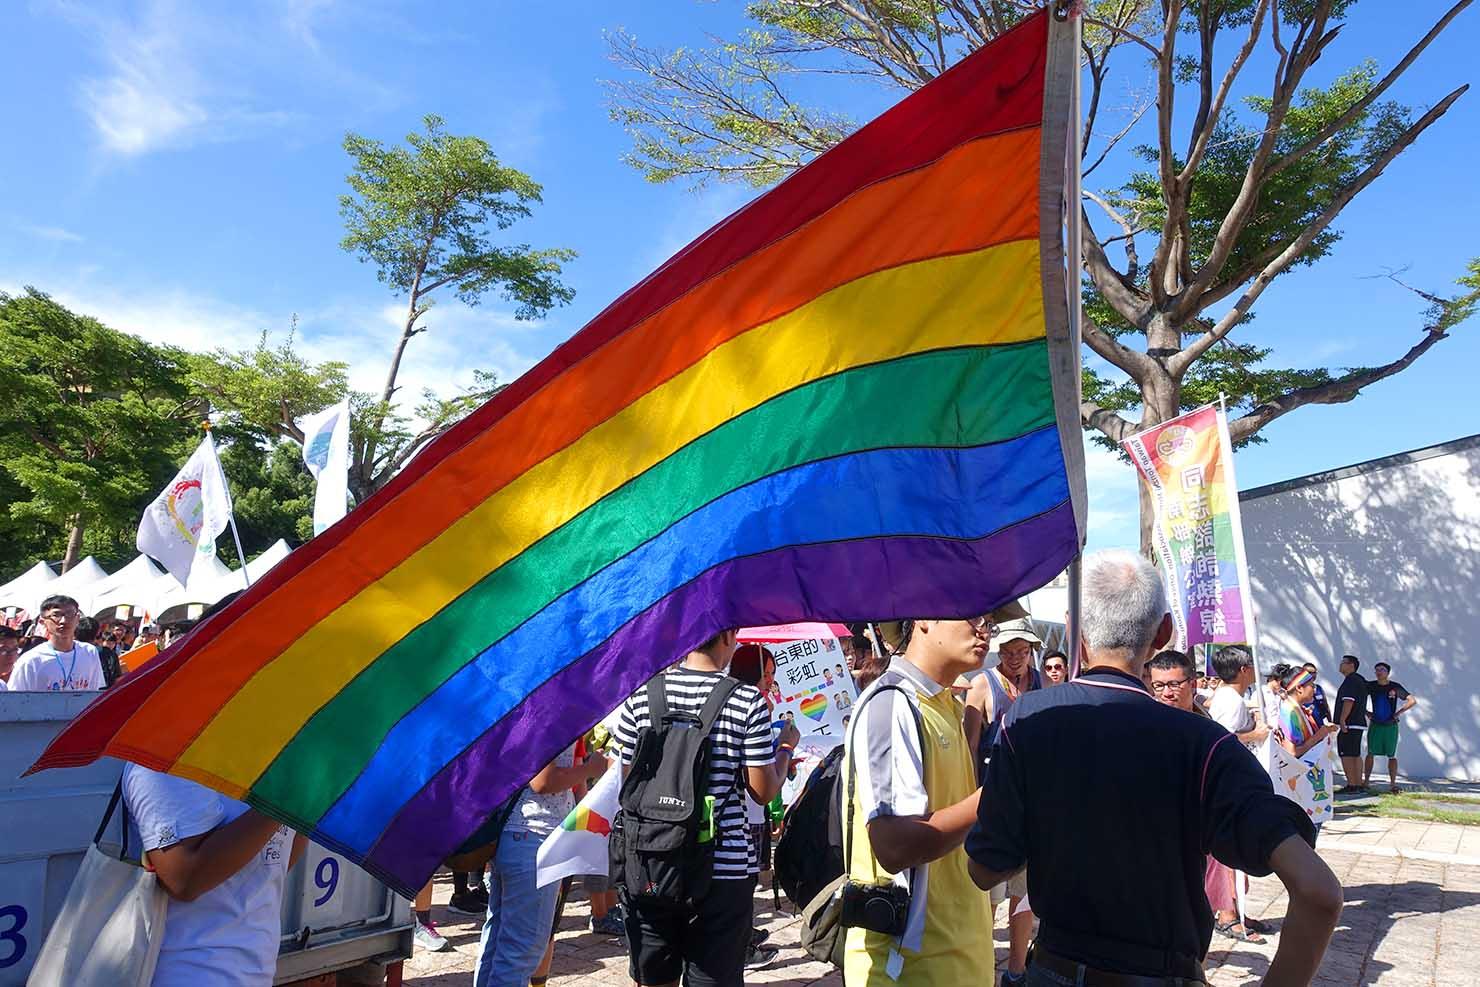 台湾東部のLGBTプライド「花東彩虹嘉年華」台東会場に翻るレインボーフラッグ